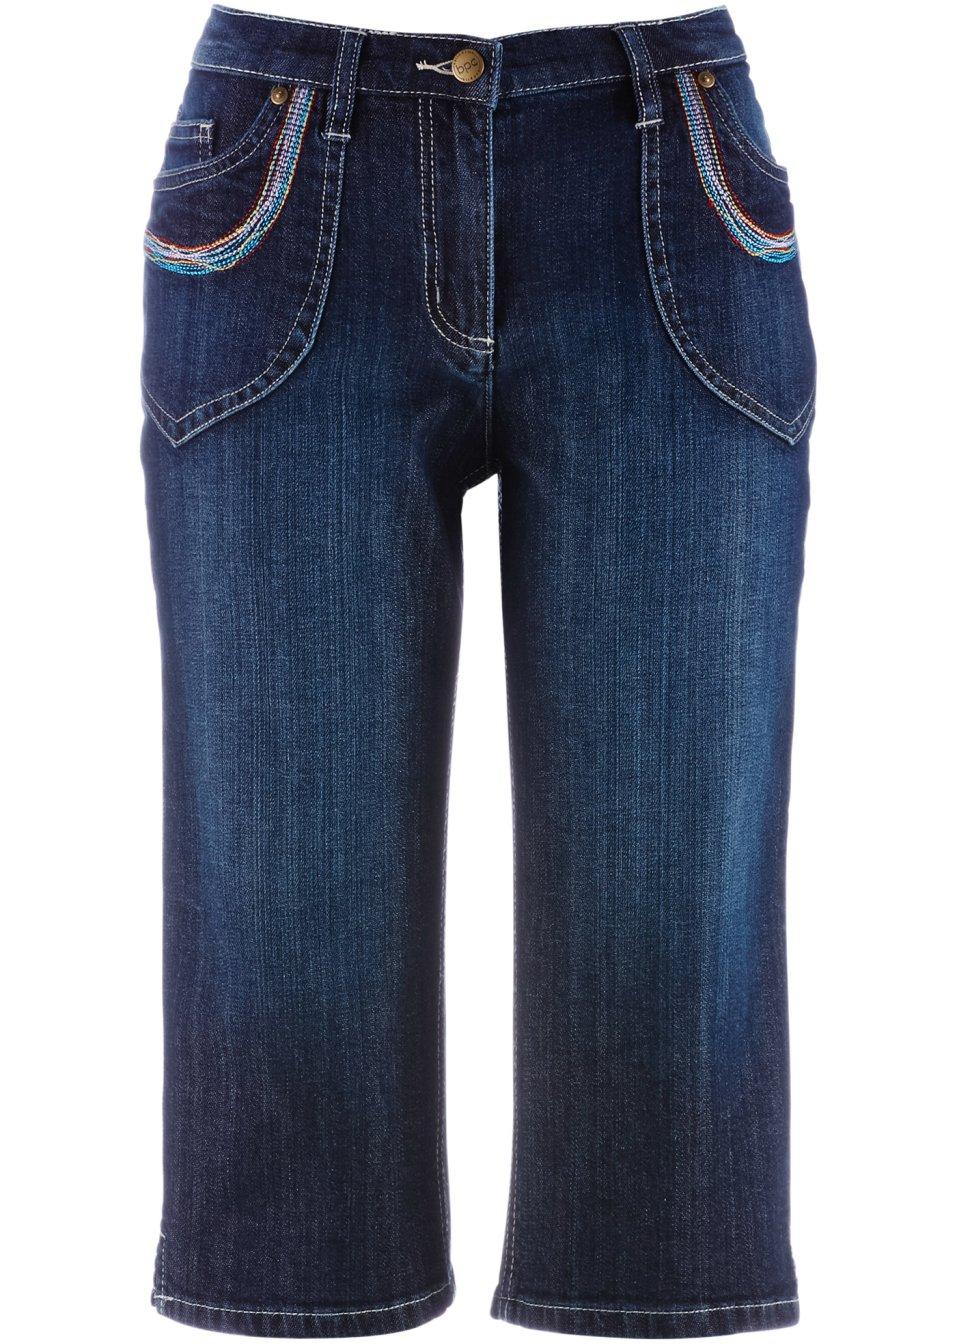 Elastische Jeanshose mit bunten Nähten und Stickerei - darkblue stone iKzuV Z43c9